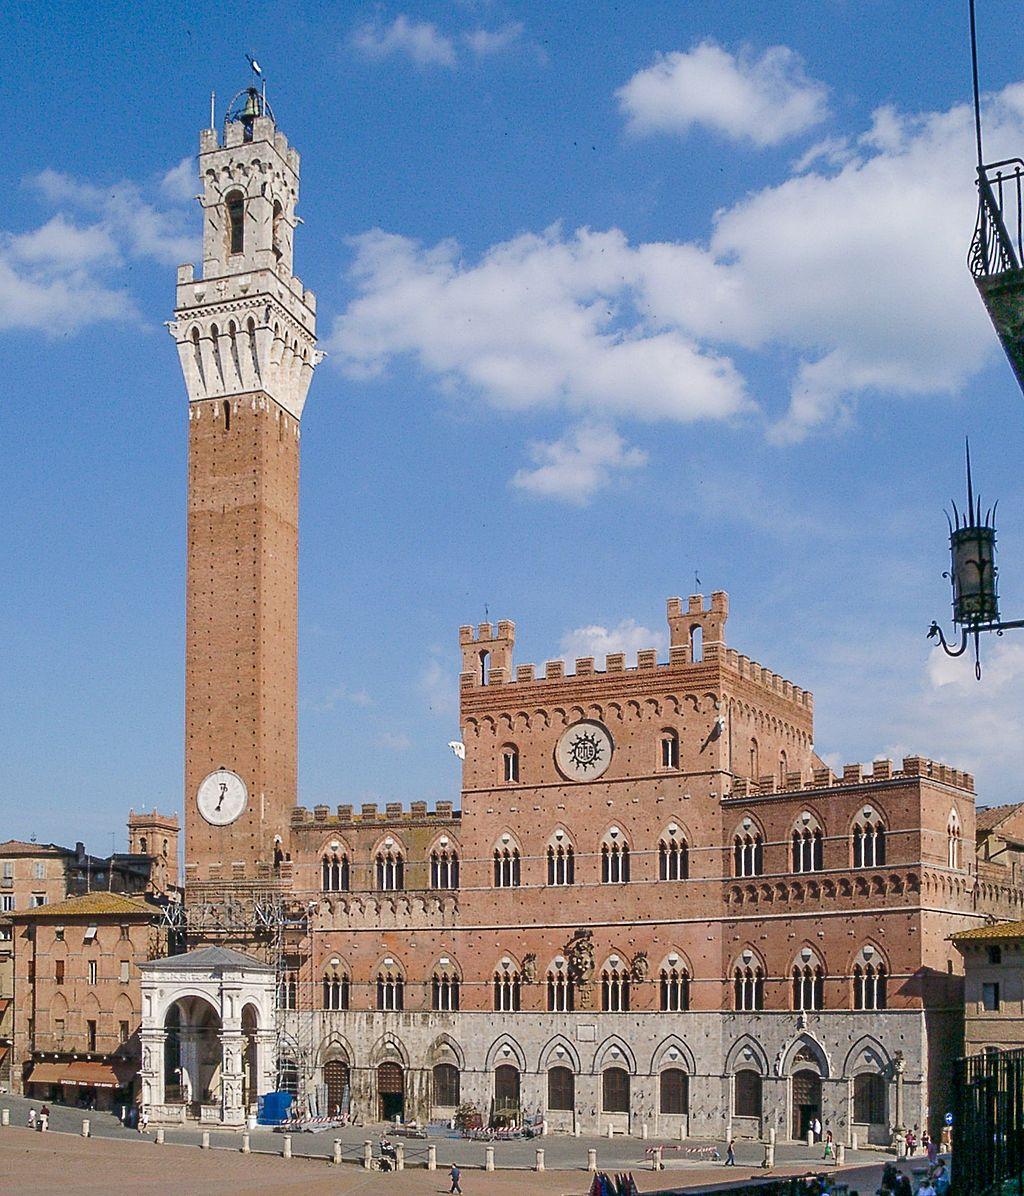 Palazzo Pubblico, facciata, Piazza del Campo, Siena